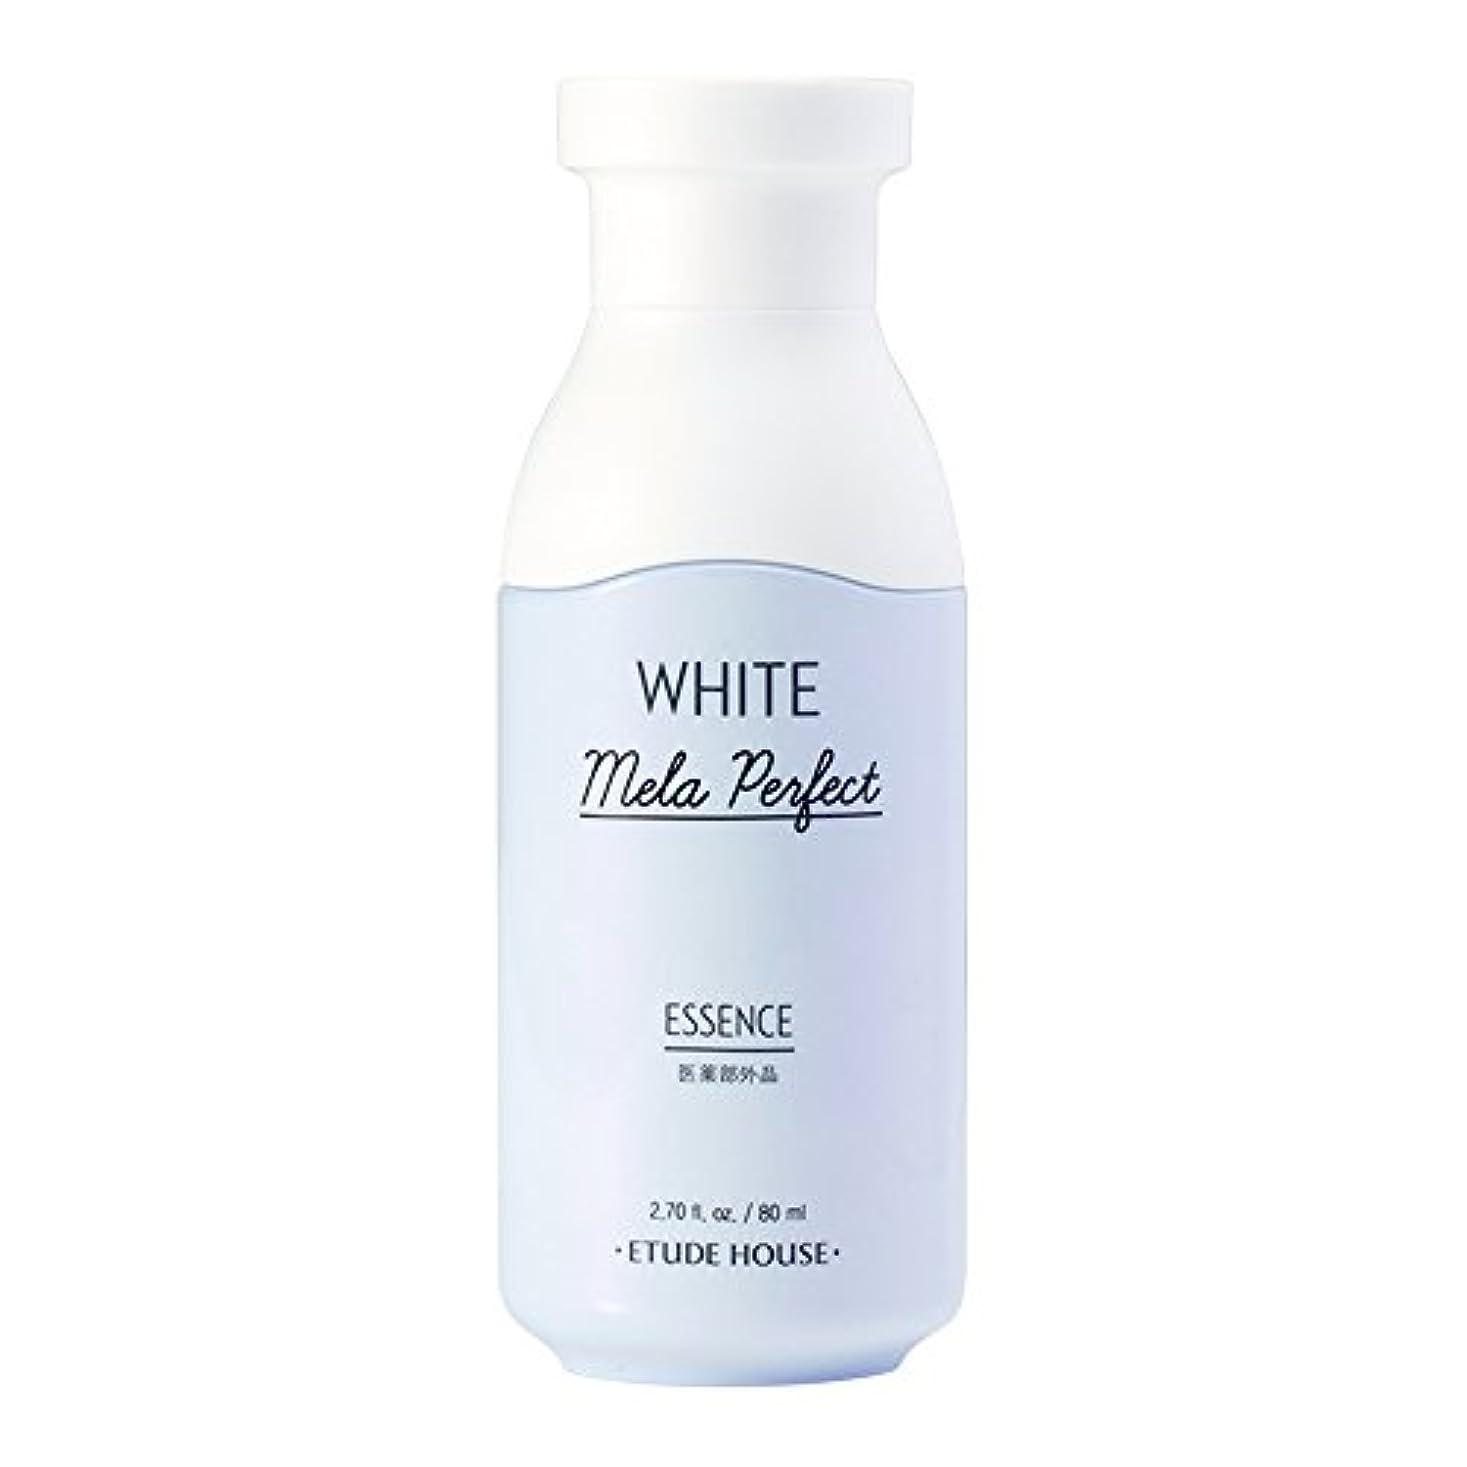 恐竜エキサイティングコンプライアンスエチュードハウス(ETUDE HOUSE) ホワイトメラパーフェクト エッセンス「美白美容液」